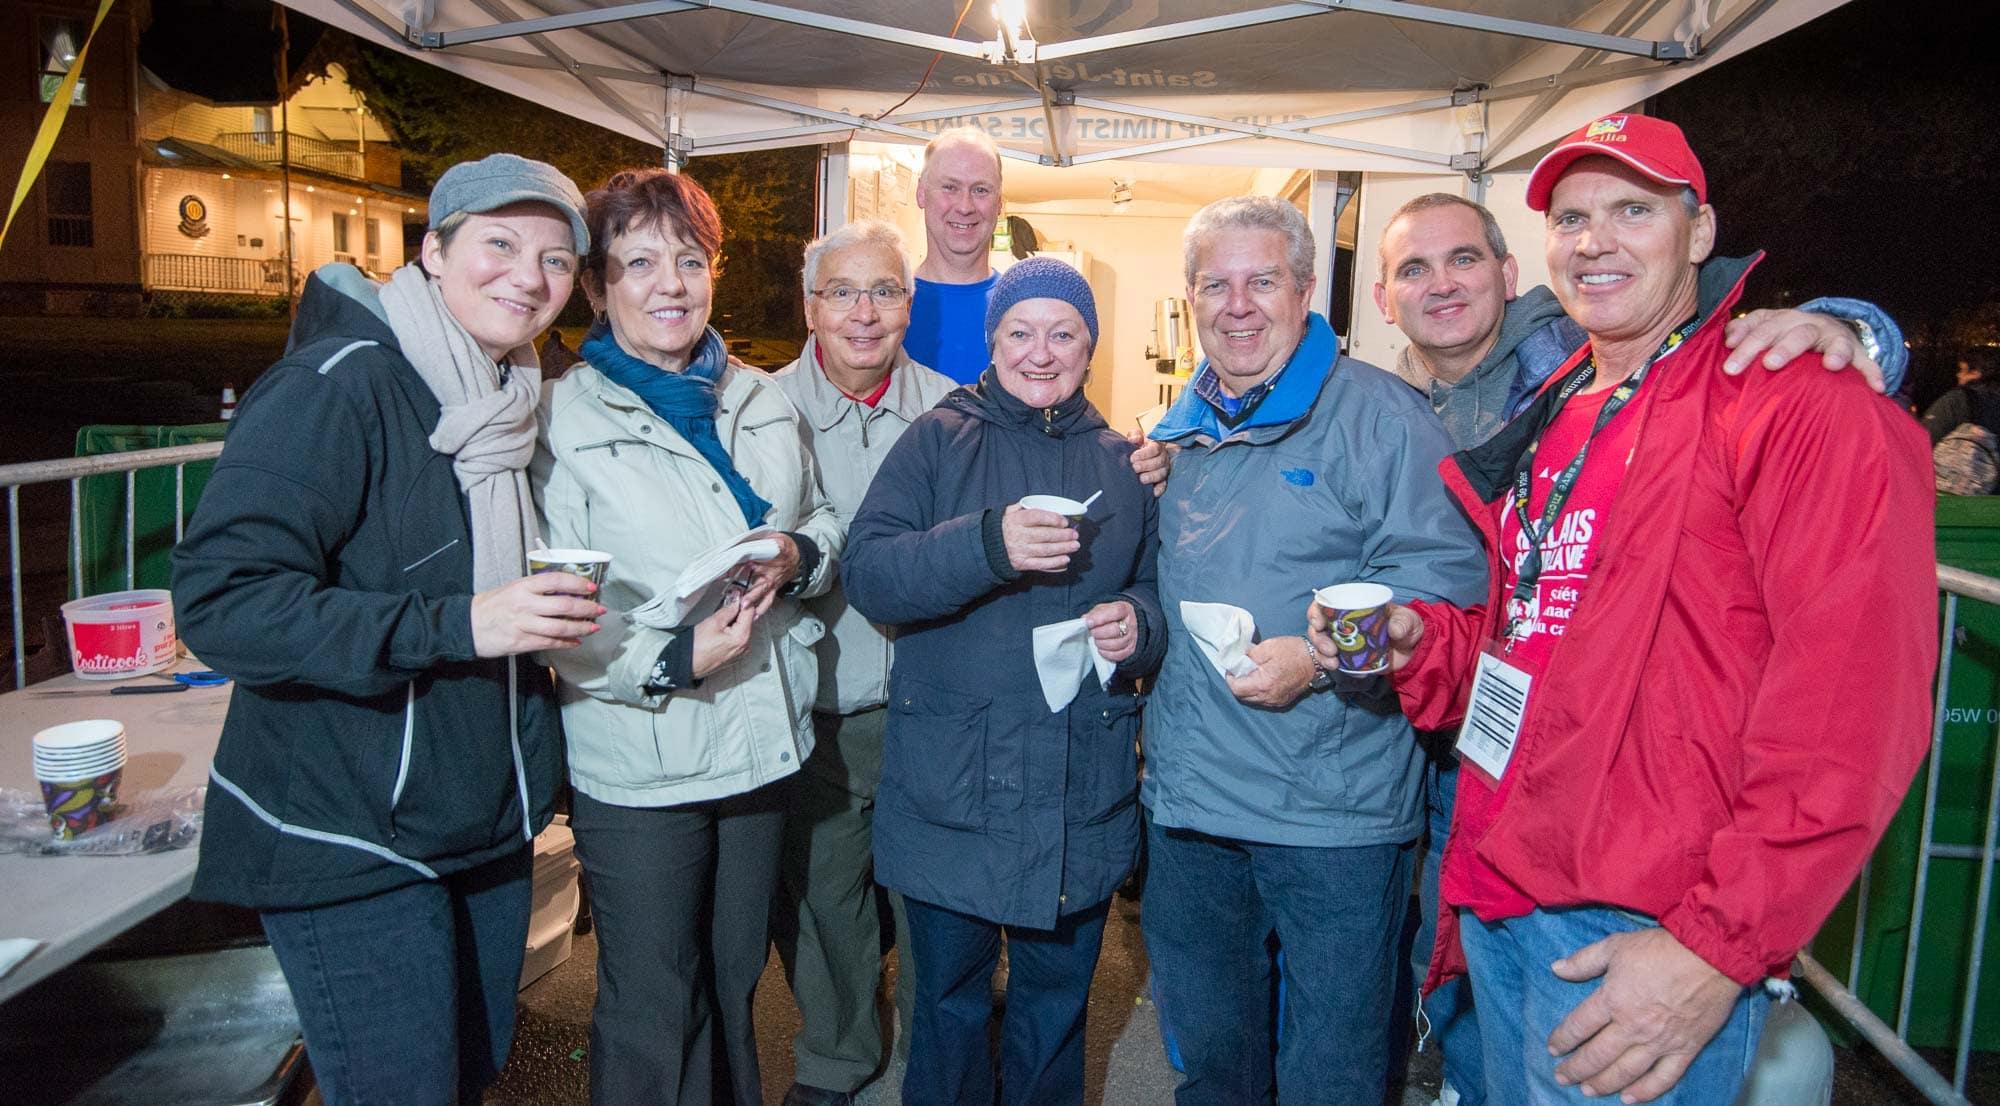 Les bénévoles du Club Optimiste Saint-Jérôme ont veillé sur le casse-croûte durant tout l'événement.